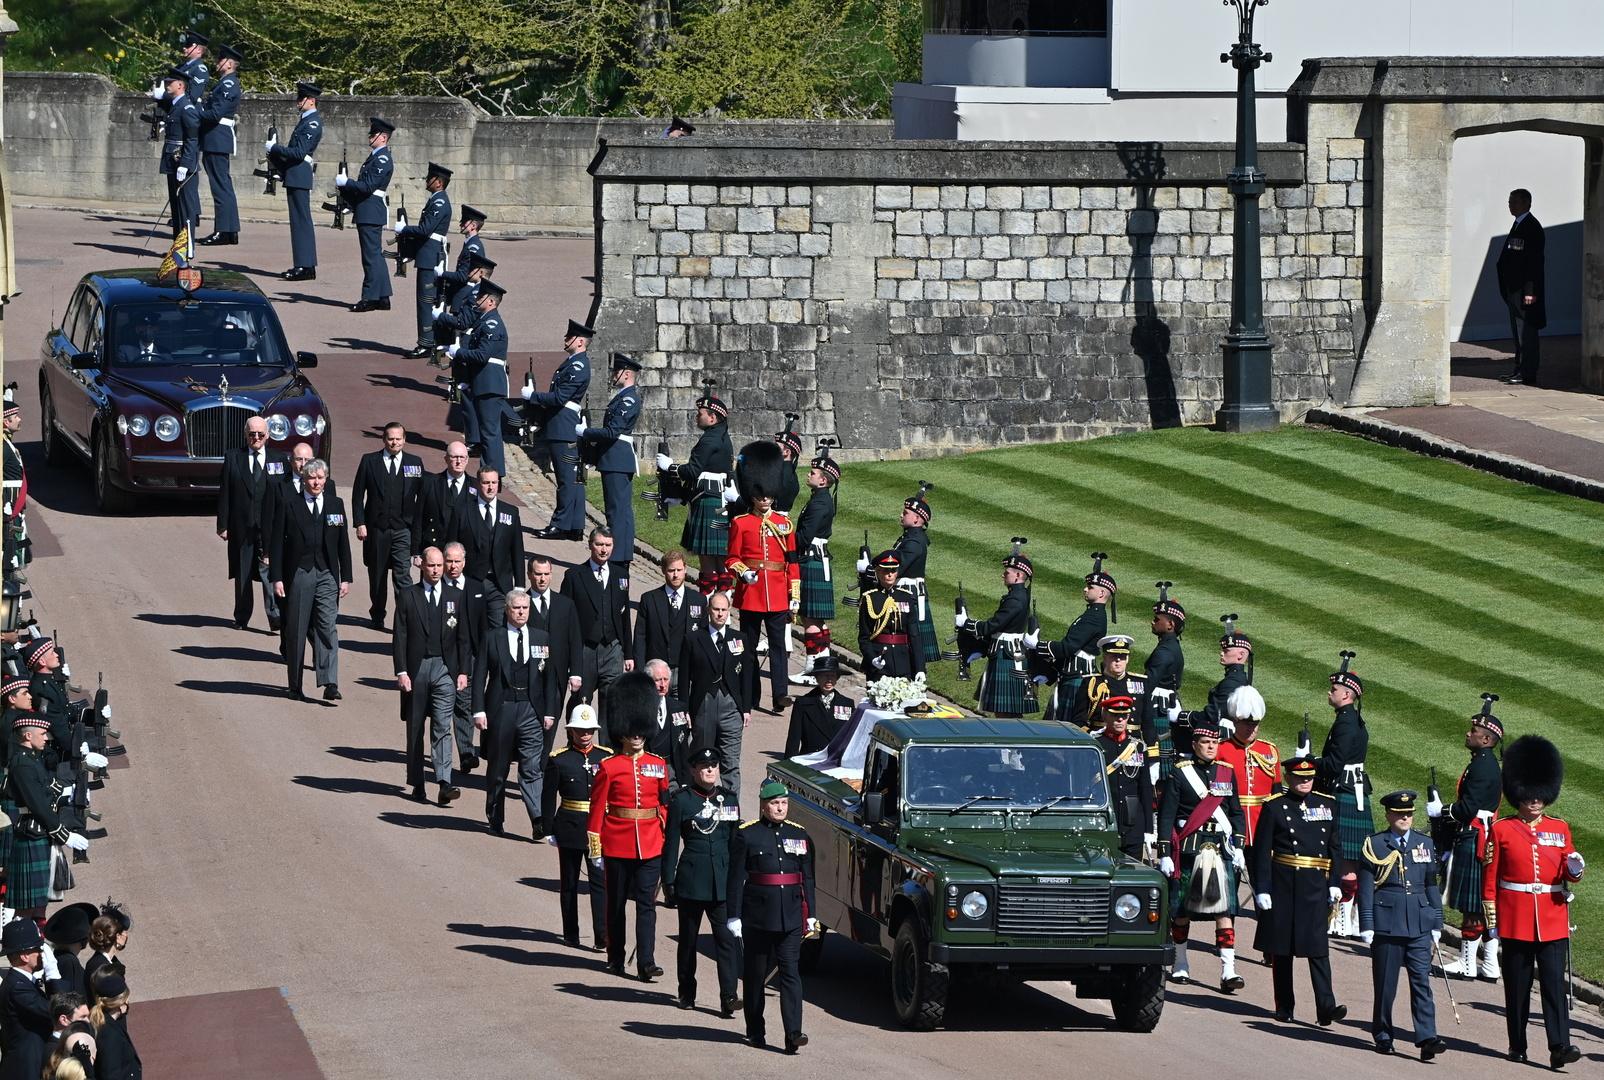 الملكة البريطانية إليزابيث تودع زوجها الأمير فيليب في رحلته الأخيرة